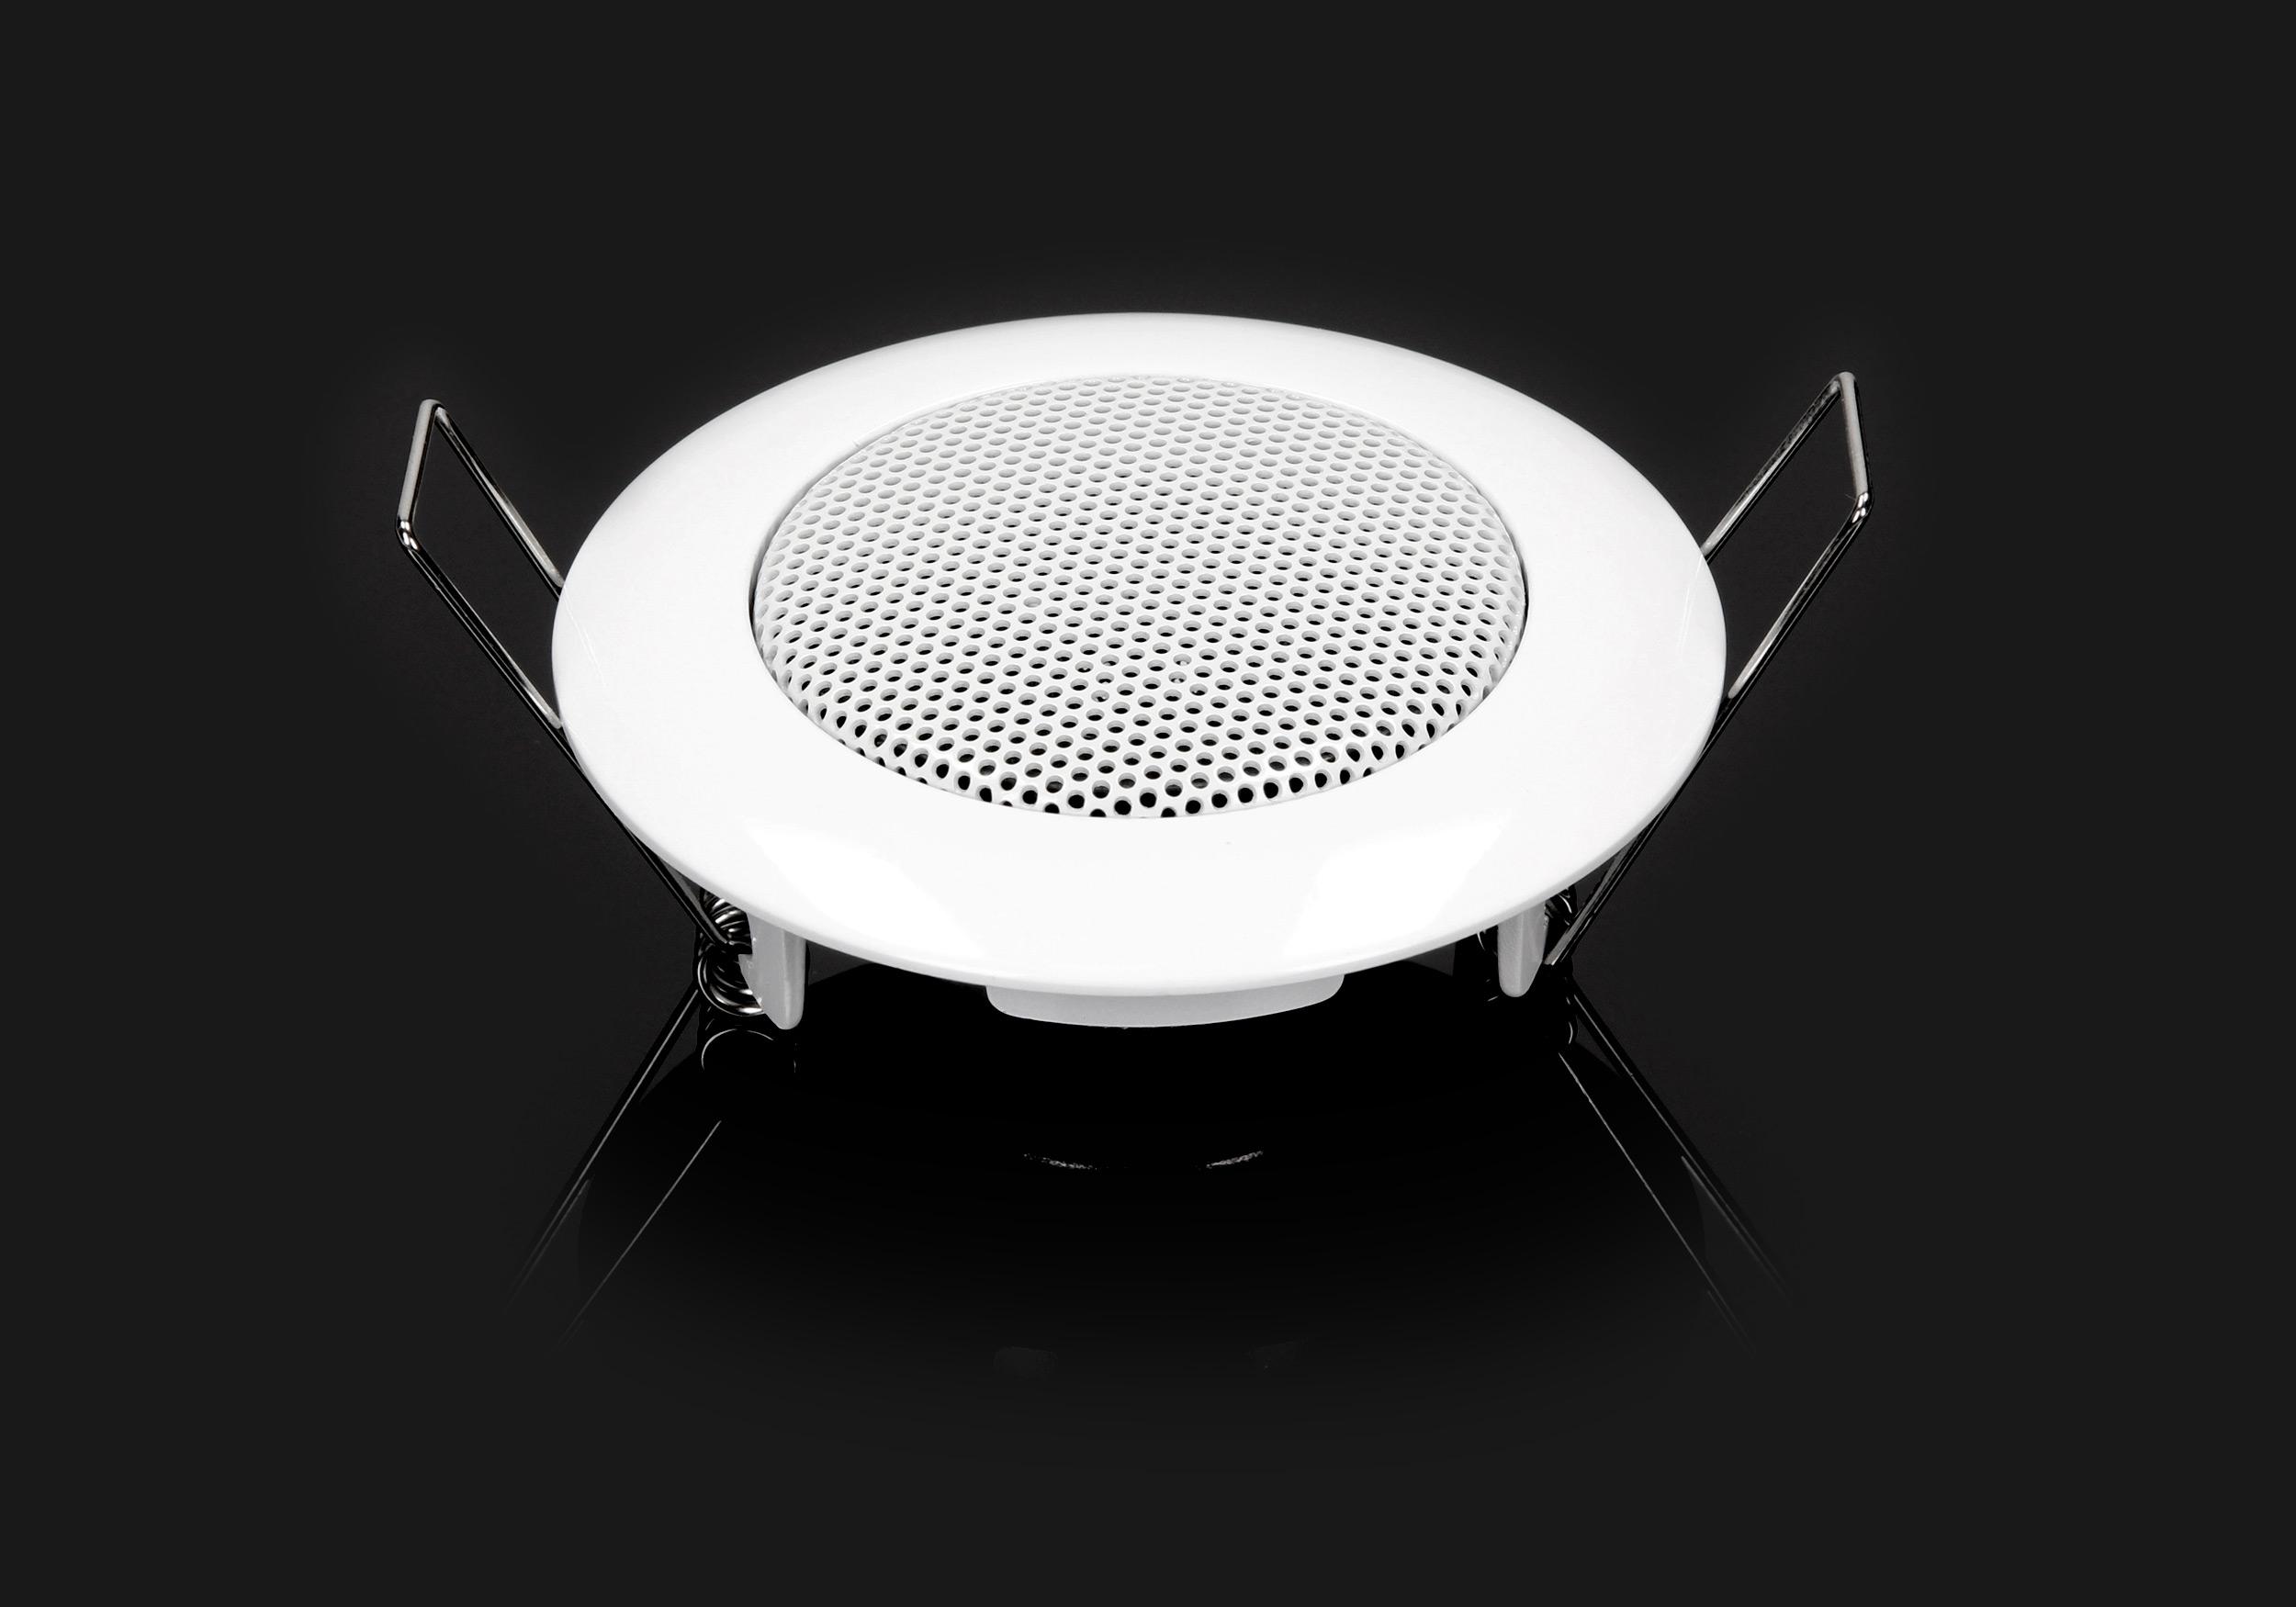 głośnik do montażu w suficie podwieszanym Eis Sound Basic